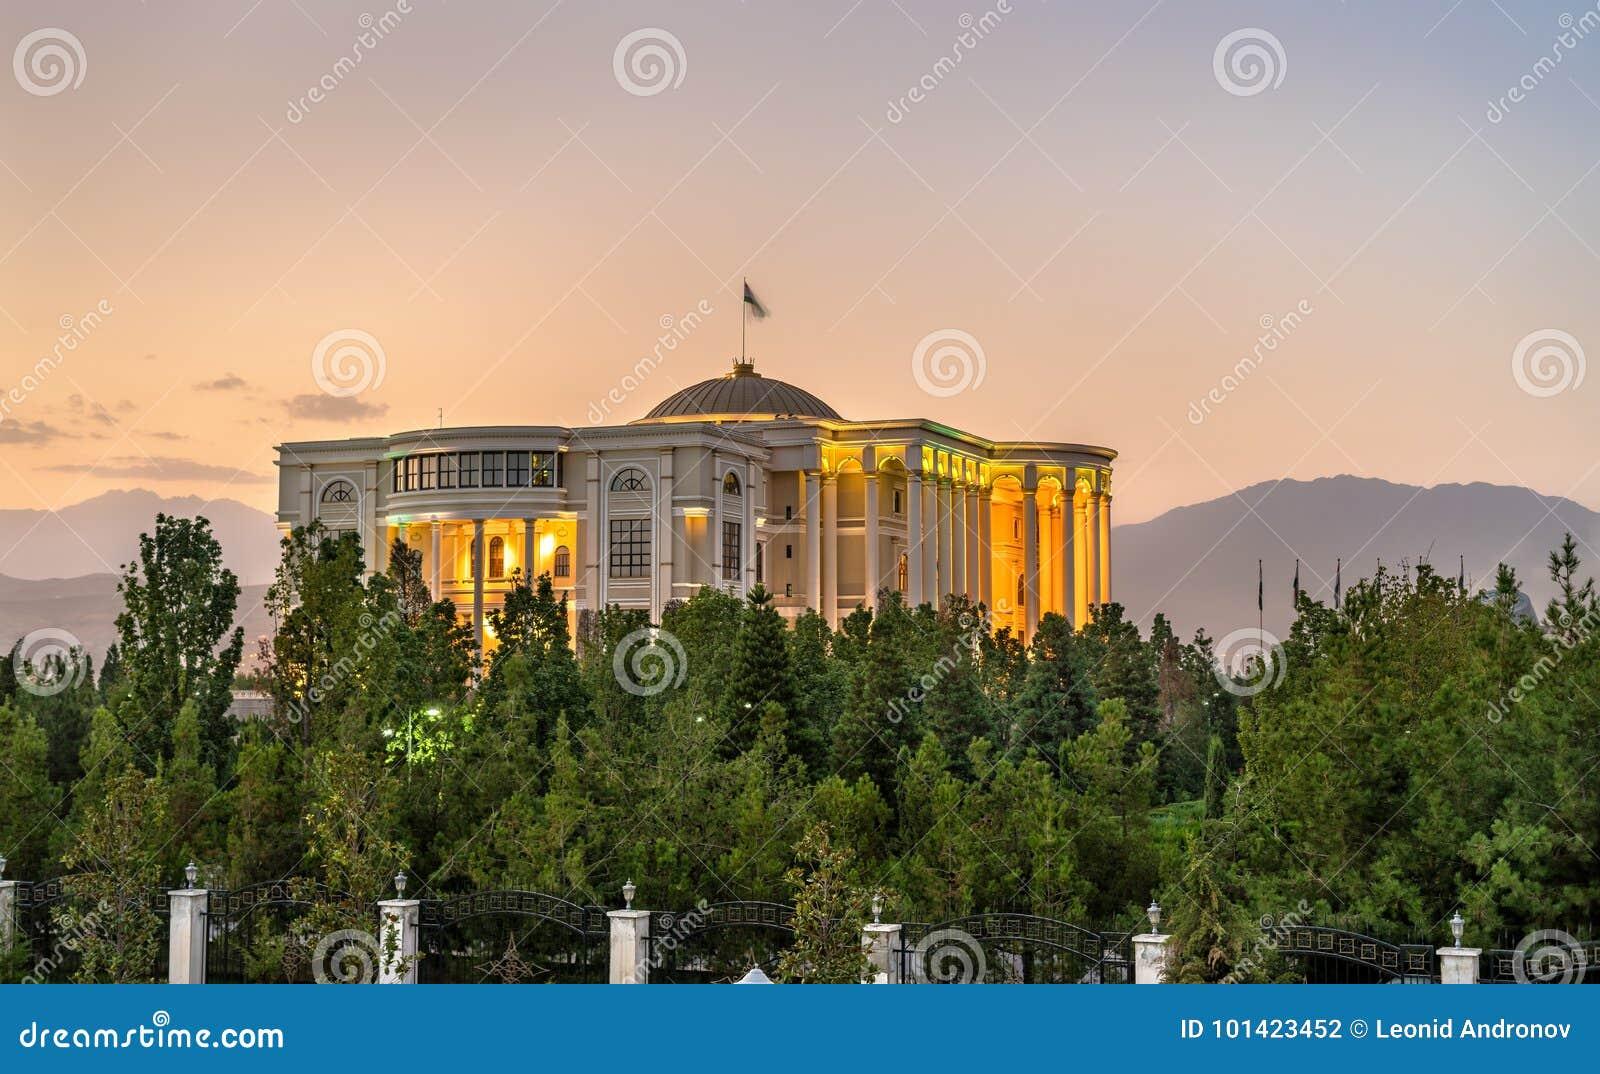 Palais des nations, la résidence du président du Tadjikistan, à Dushanbe